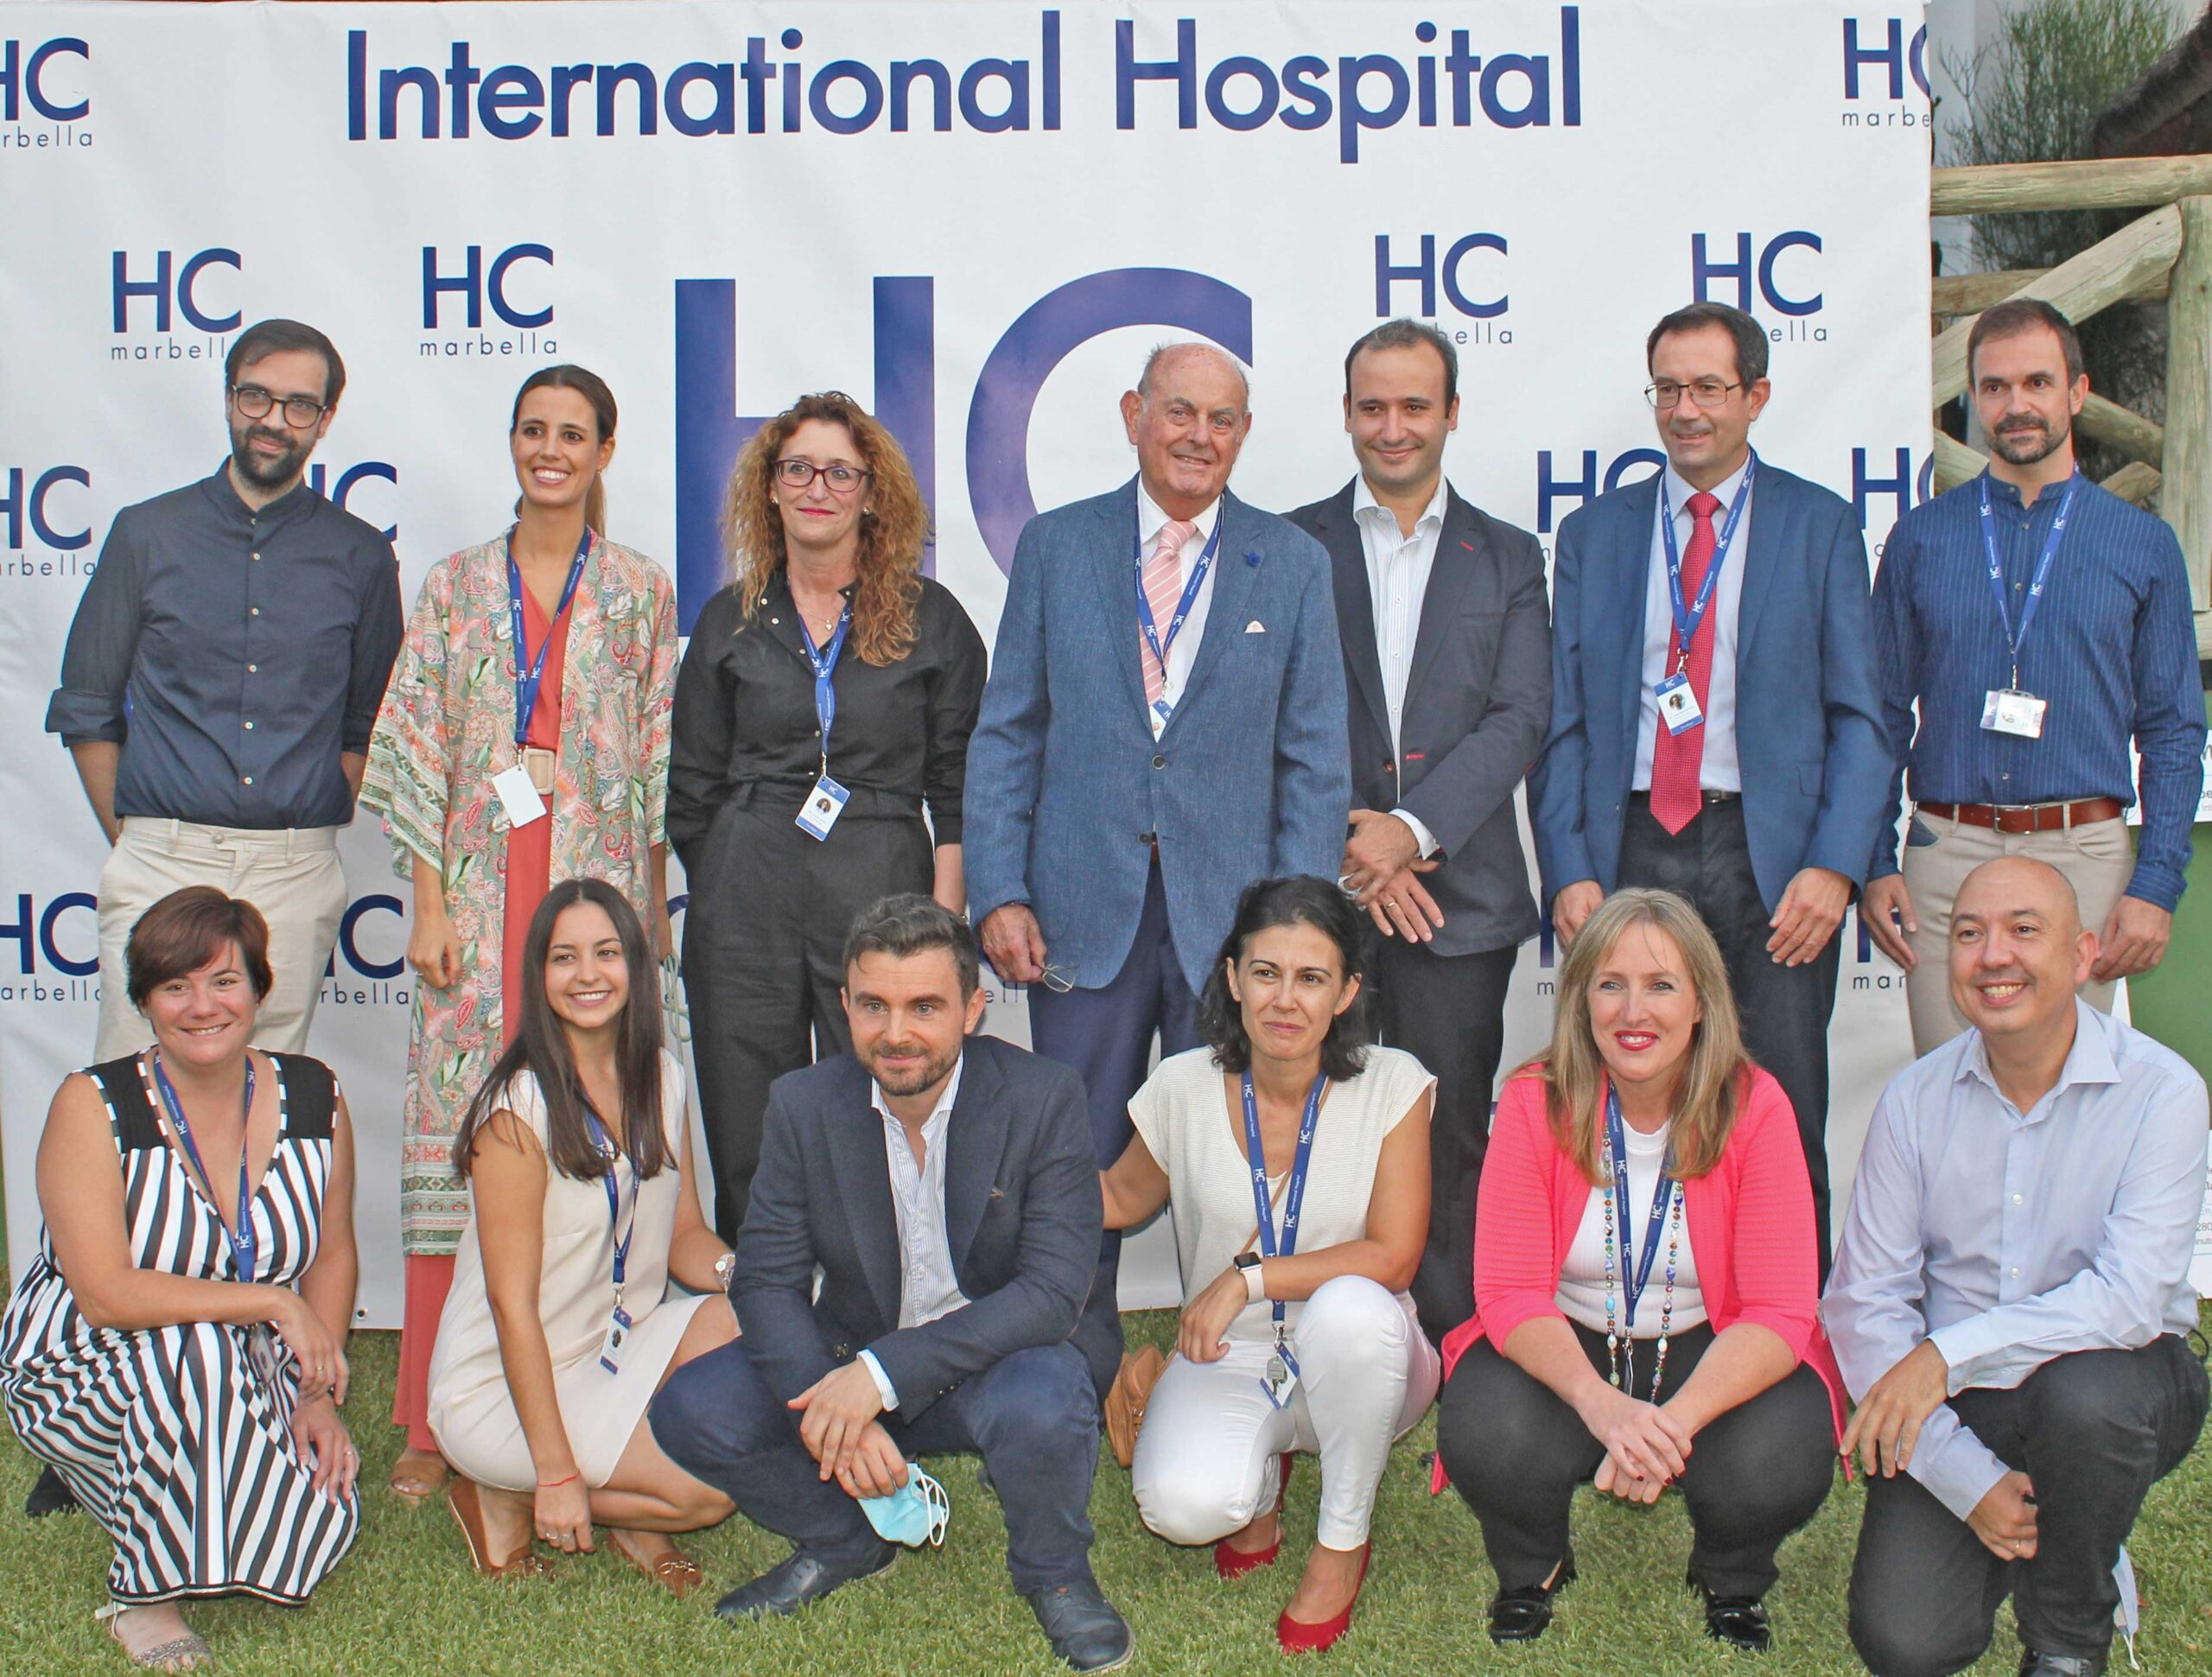 Inauguaracion  de HC Cancer Center